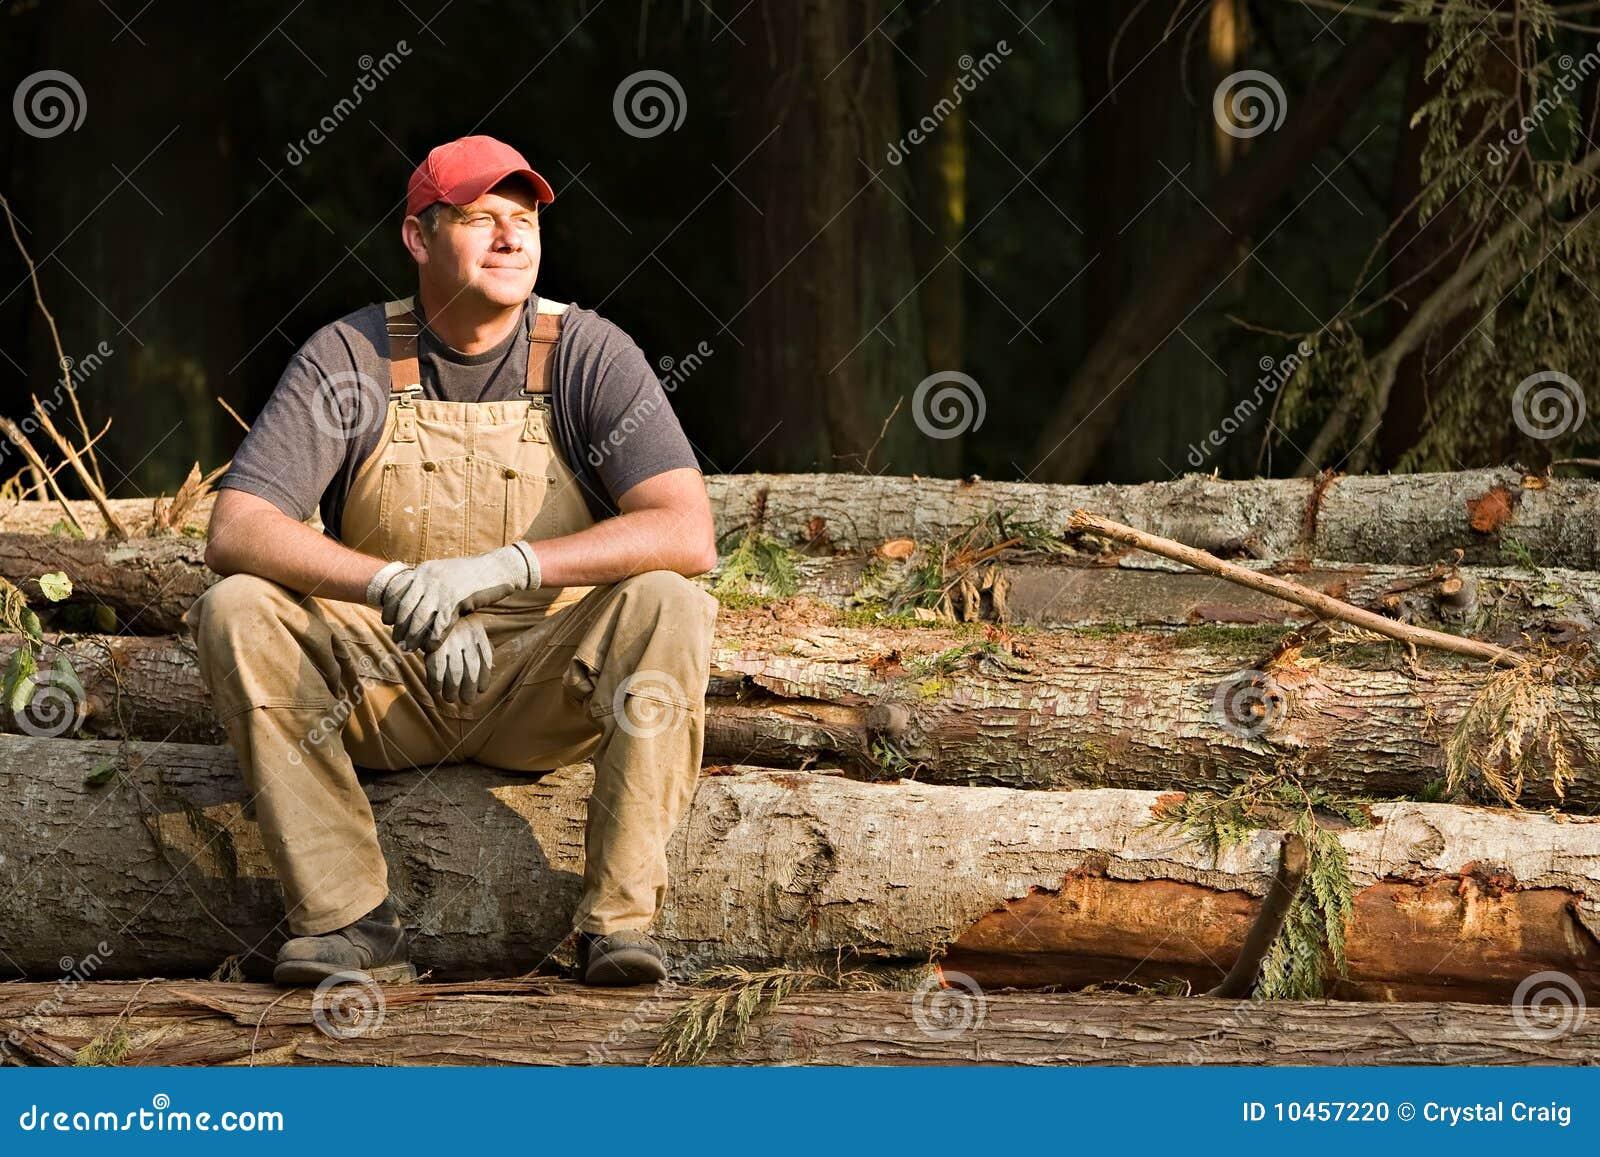 Working man taking a break